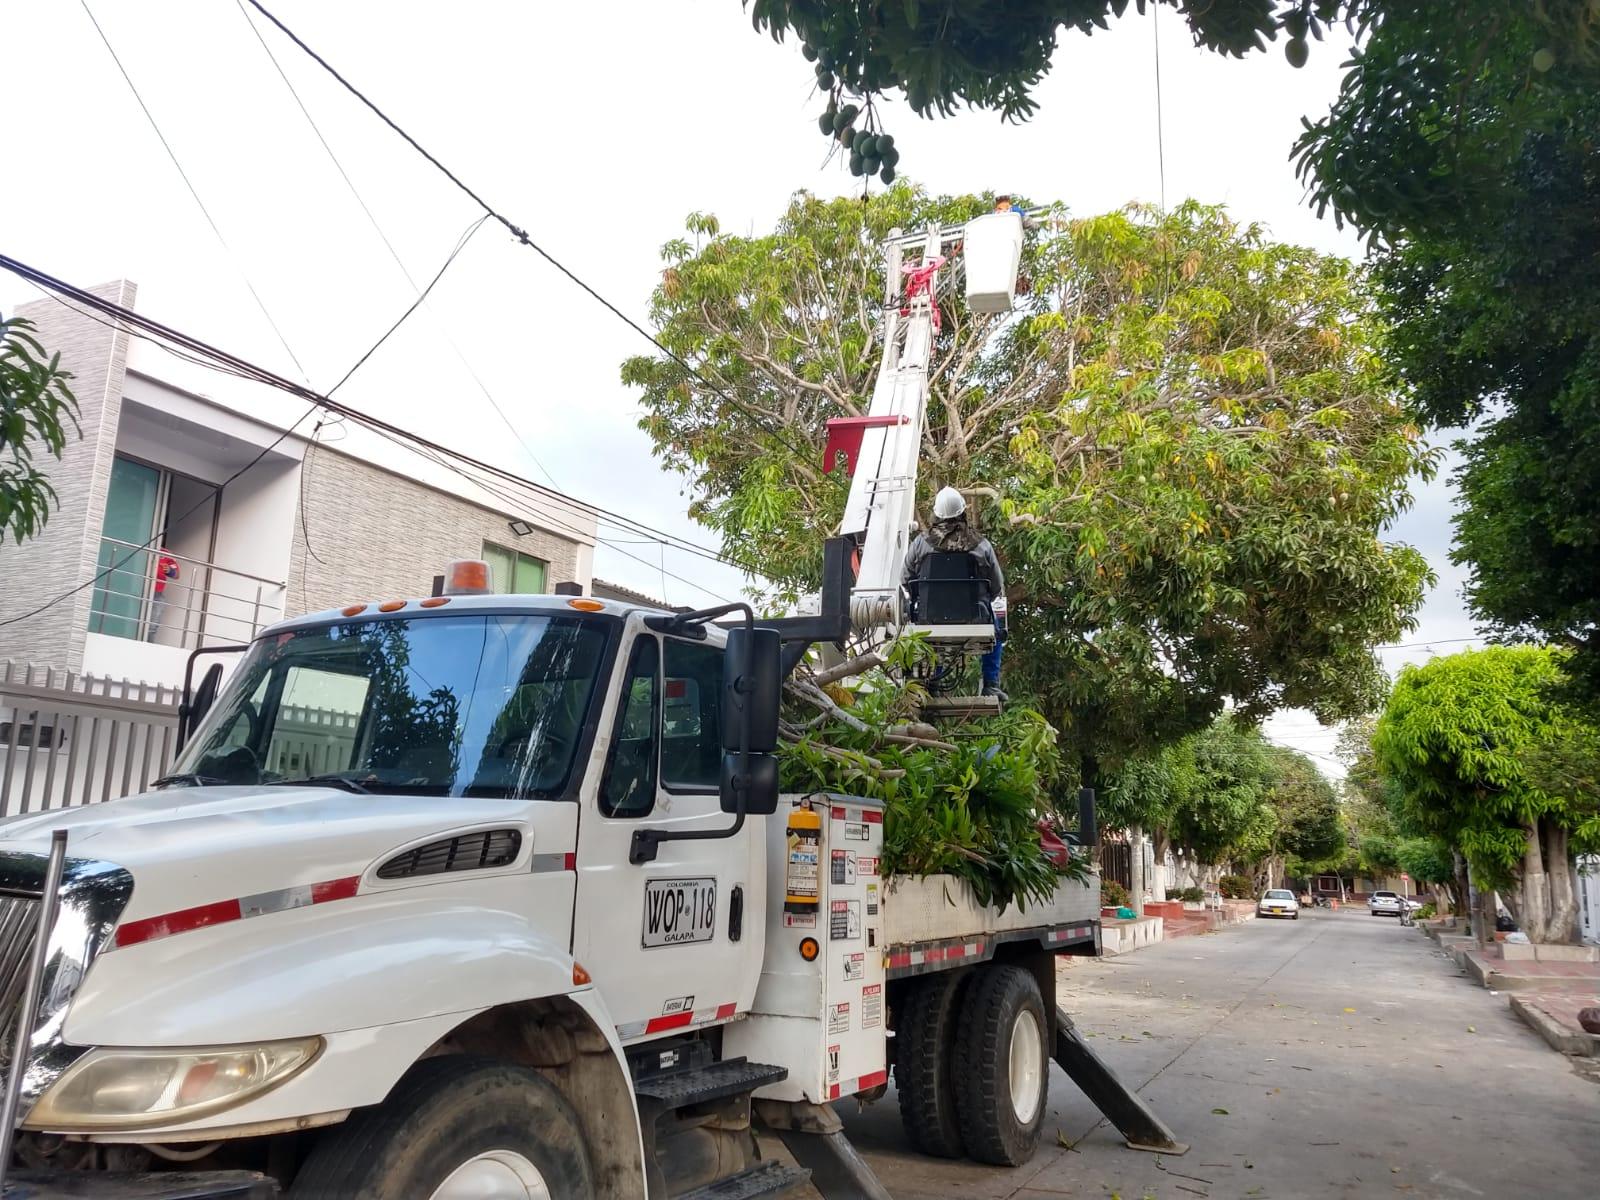 Este martes 6 de julio Trabajos de mejora de redes en El Carmen y El Silencio – @Aire_Energia